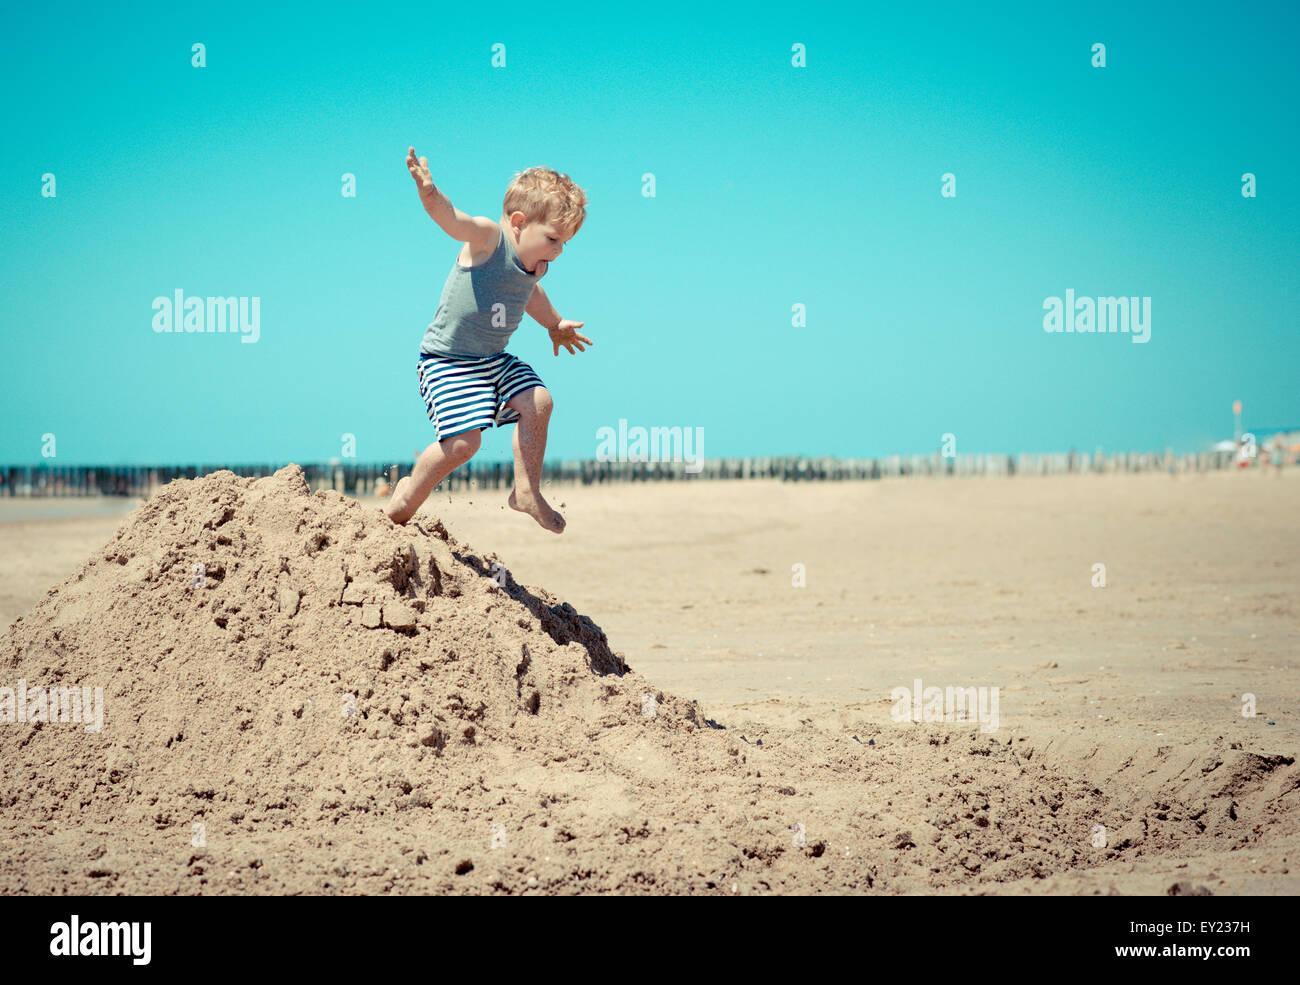 Little Boy bambino sulla spiaggia saltando da una collina Immagini Stock